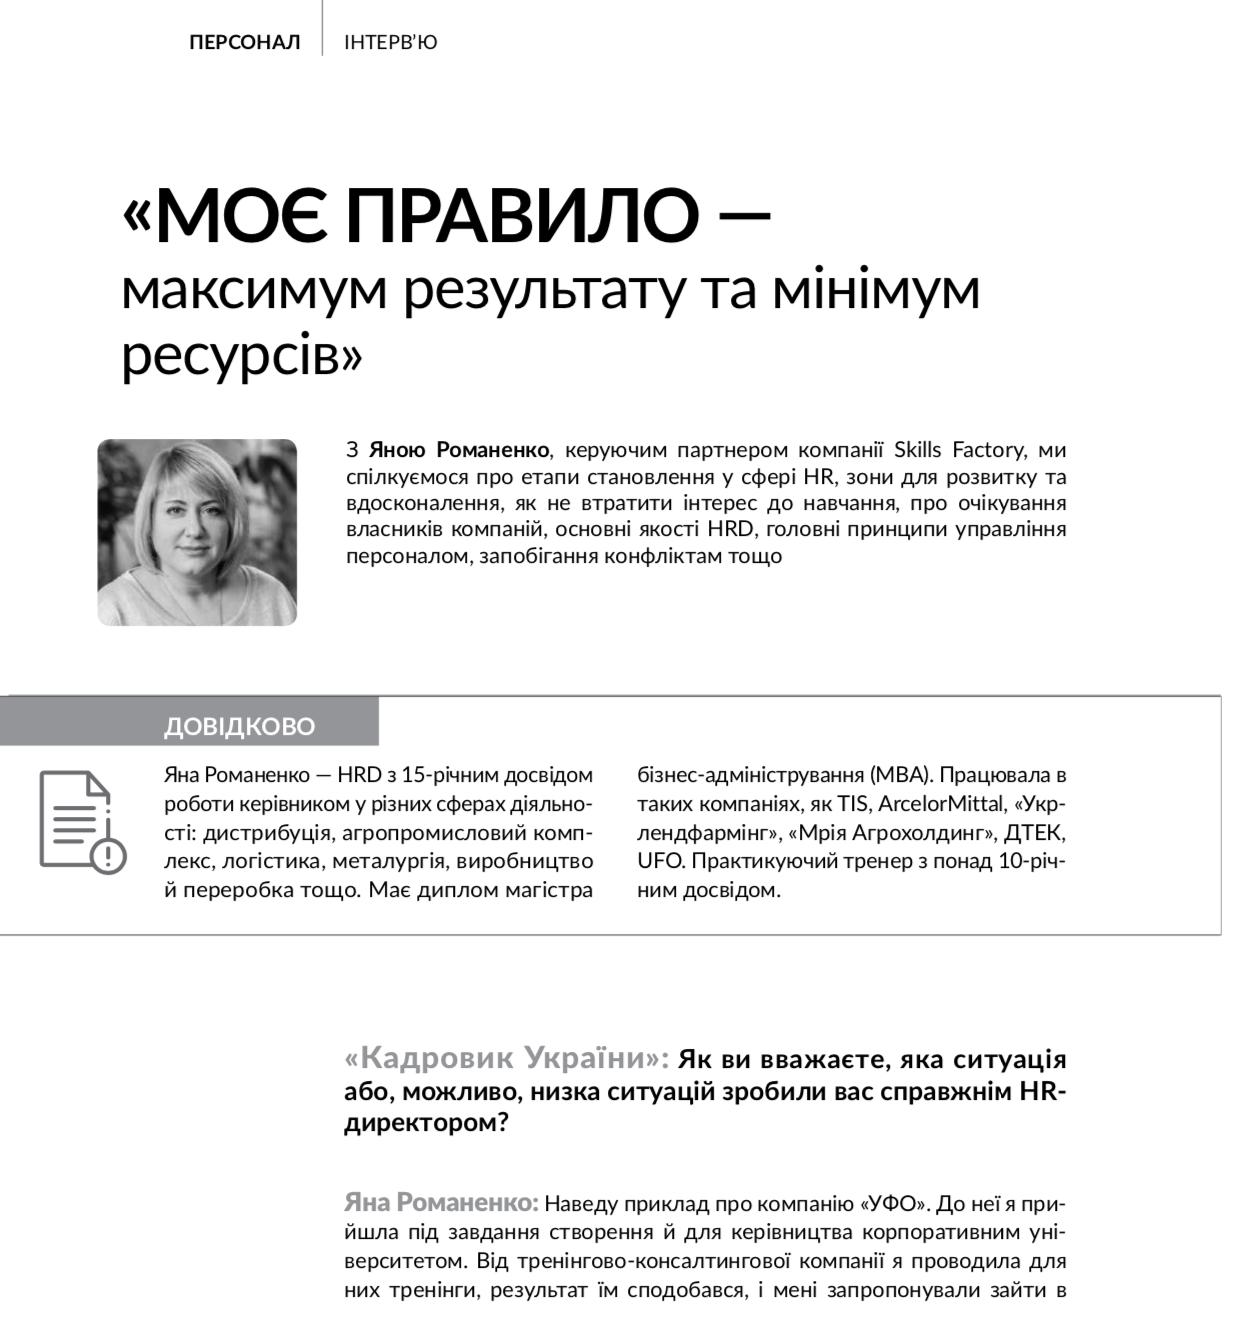 Яна Романенко, Директор по персоналу, Интервью, Стефановская